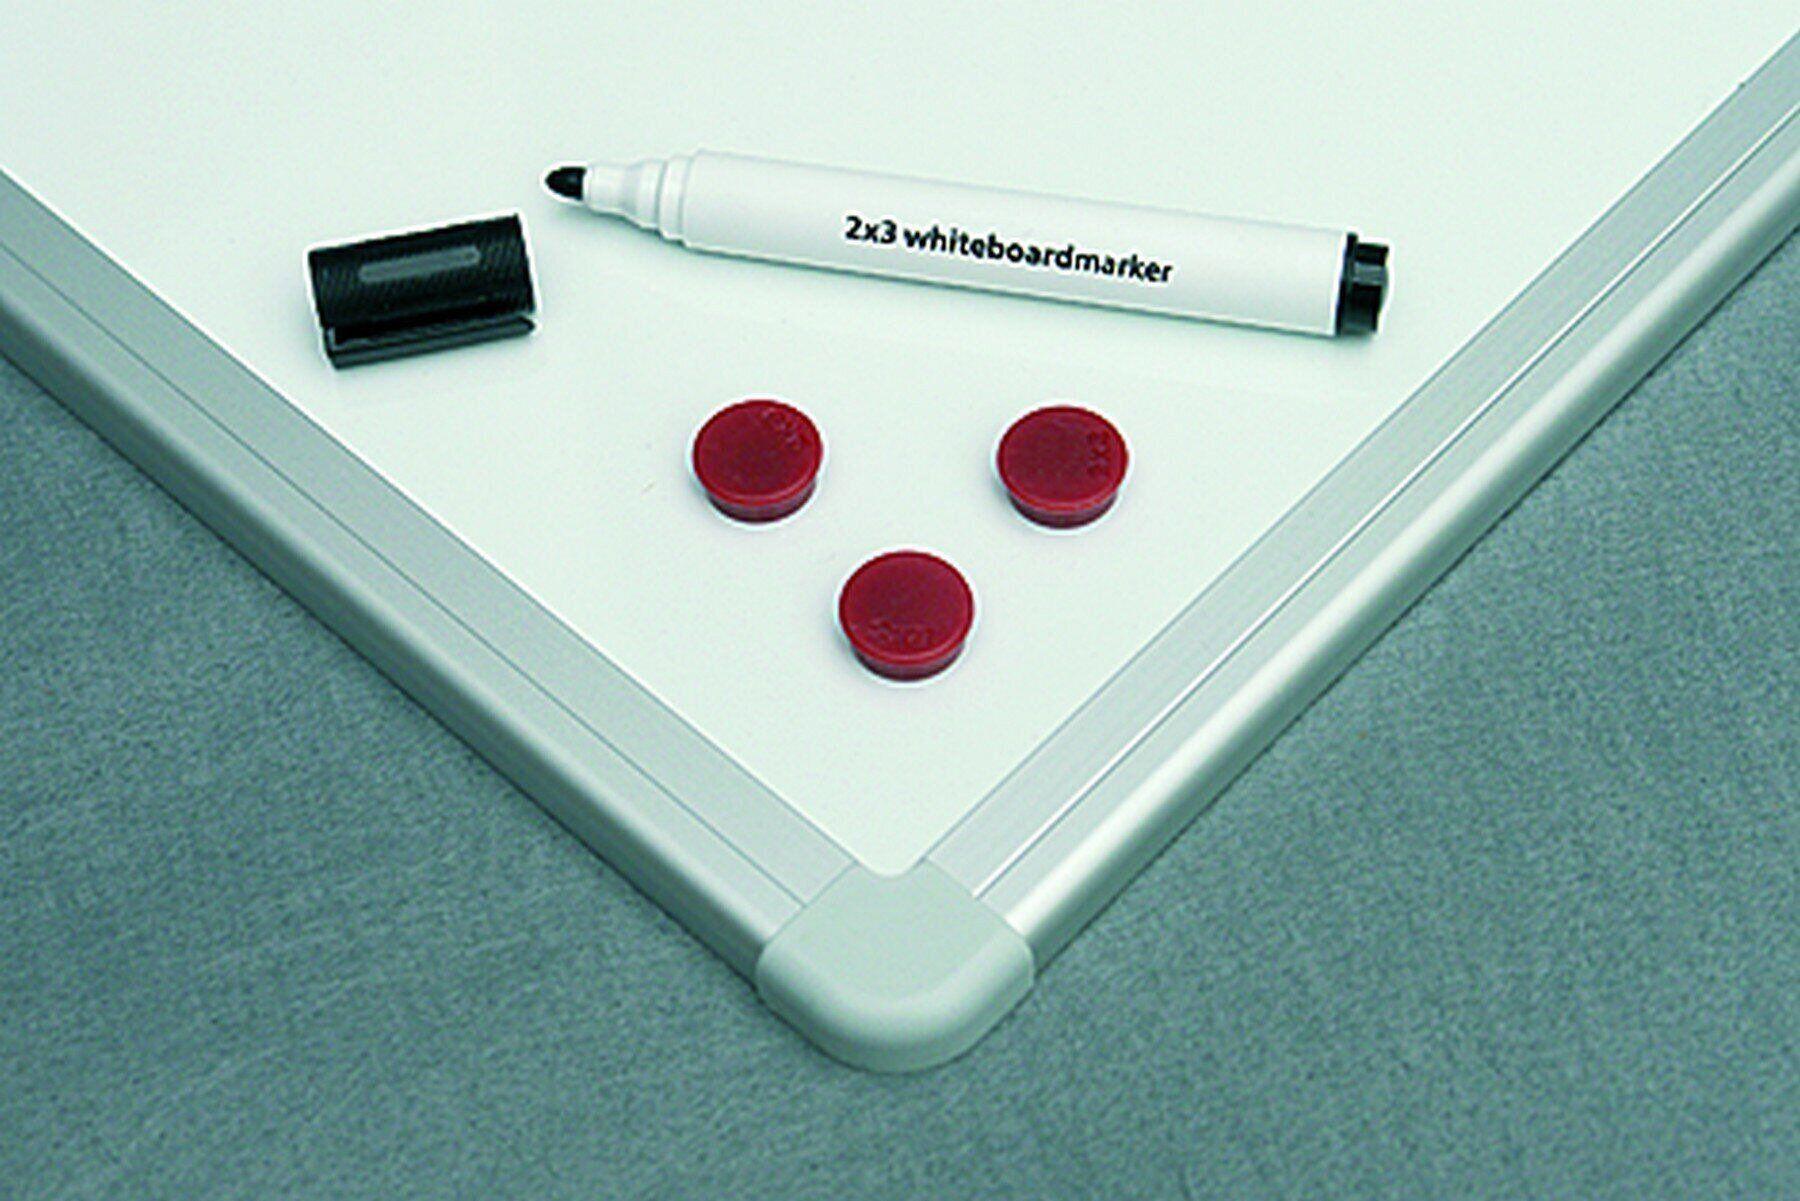 Доска белая магнитная сухостираемая ALU23 90*120см., алюминиевая рамка, лак 2x3 - фото 6